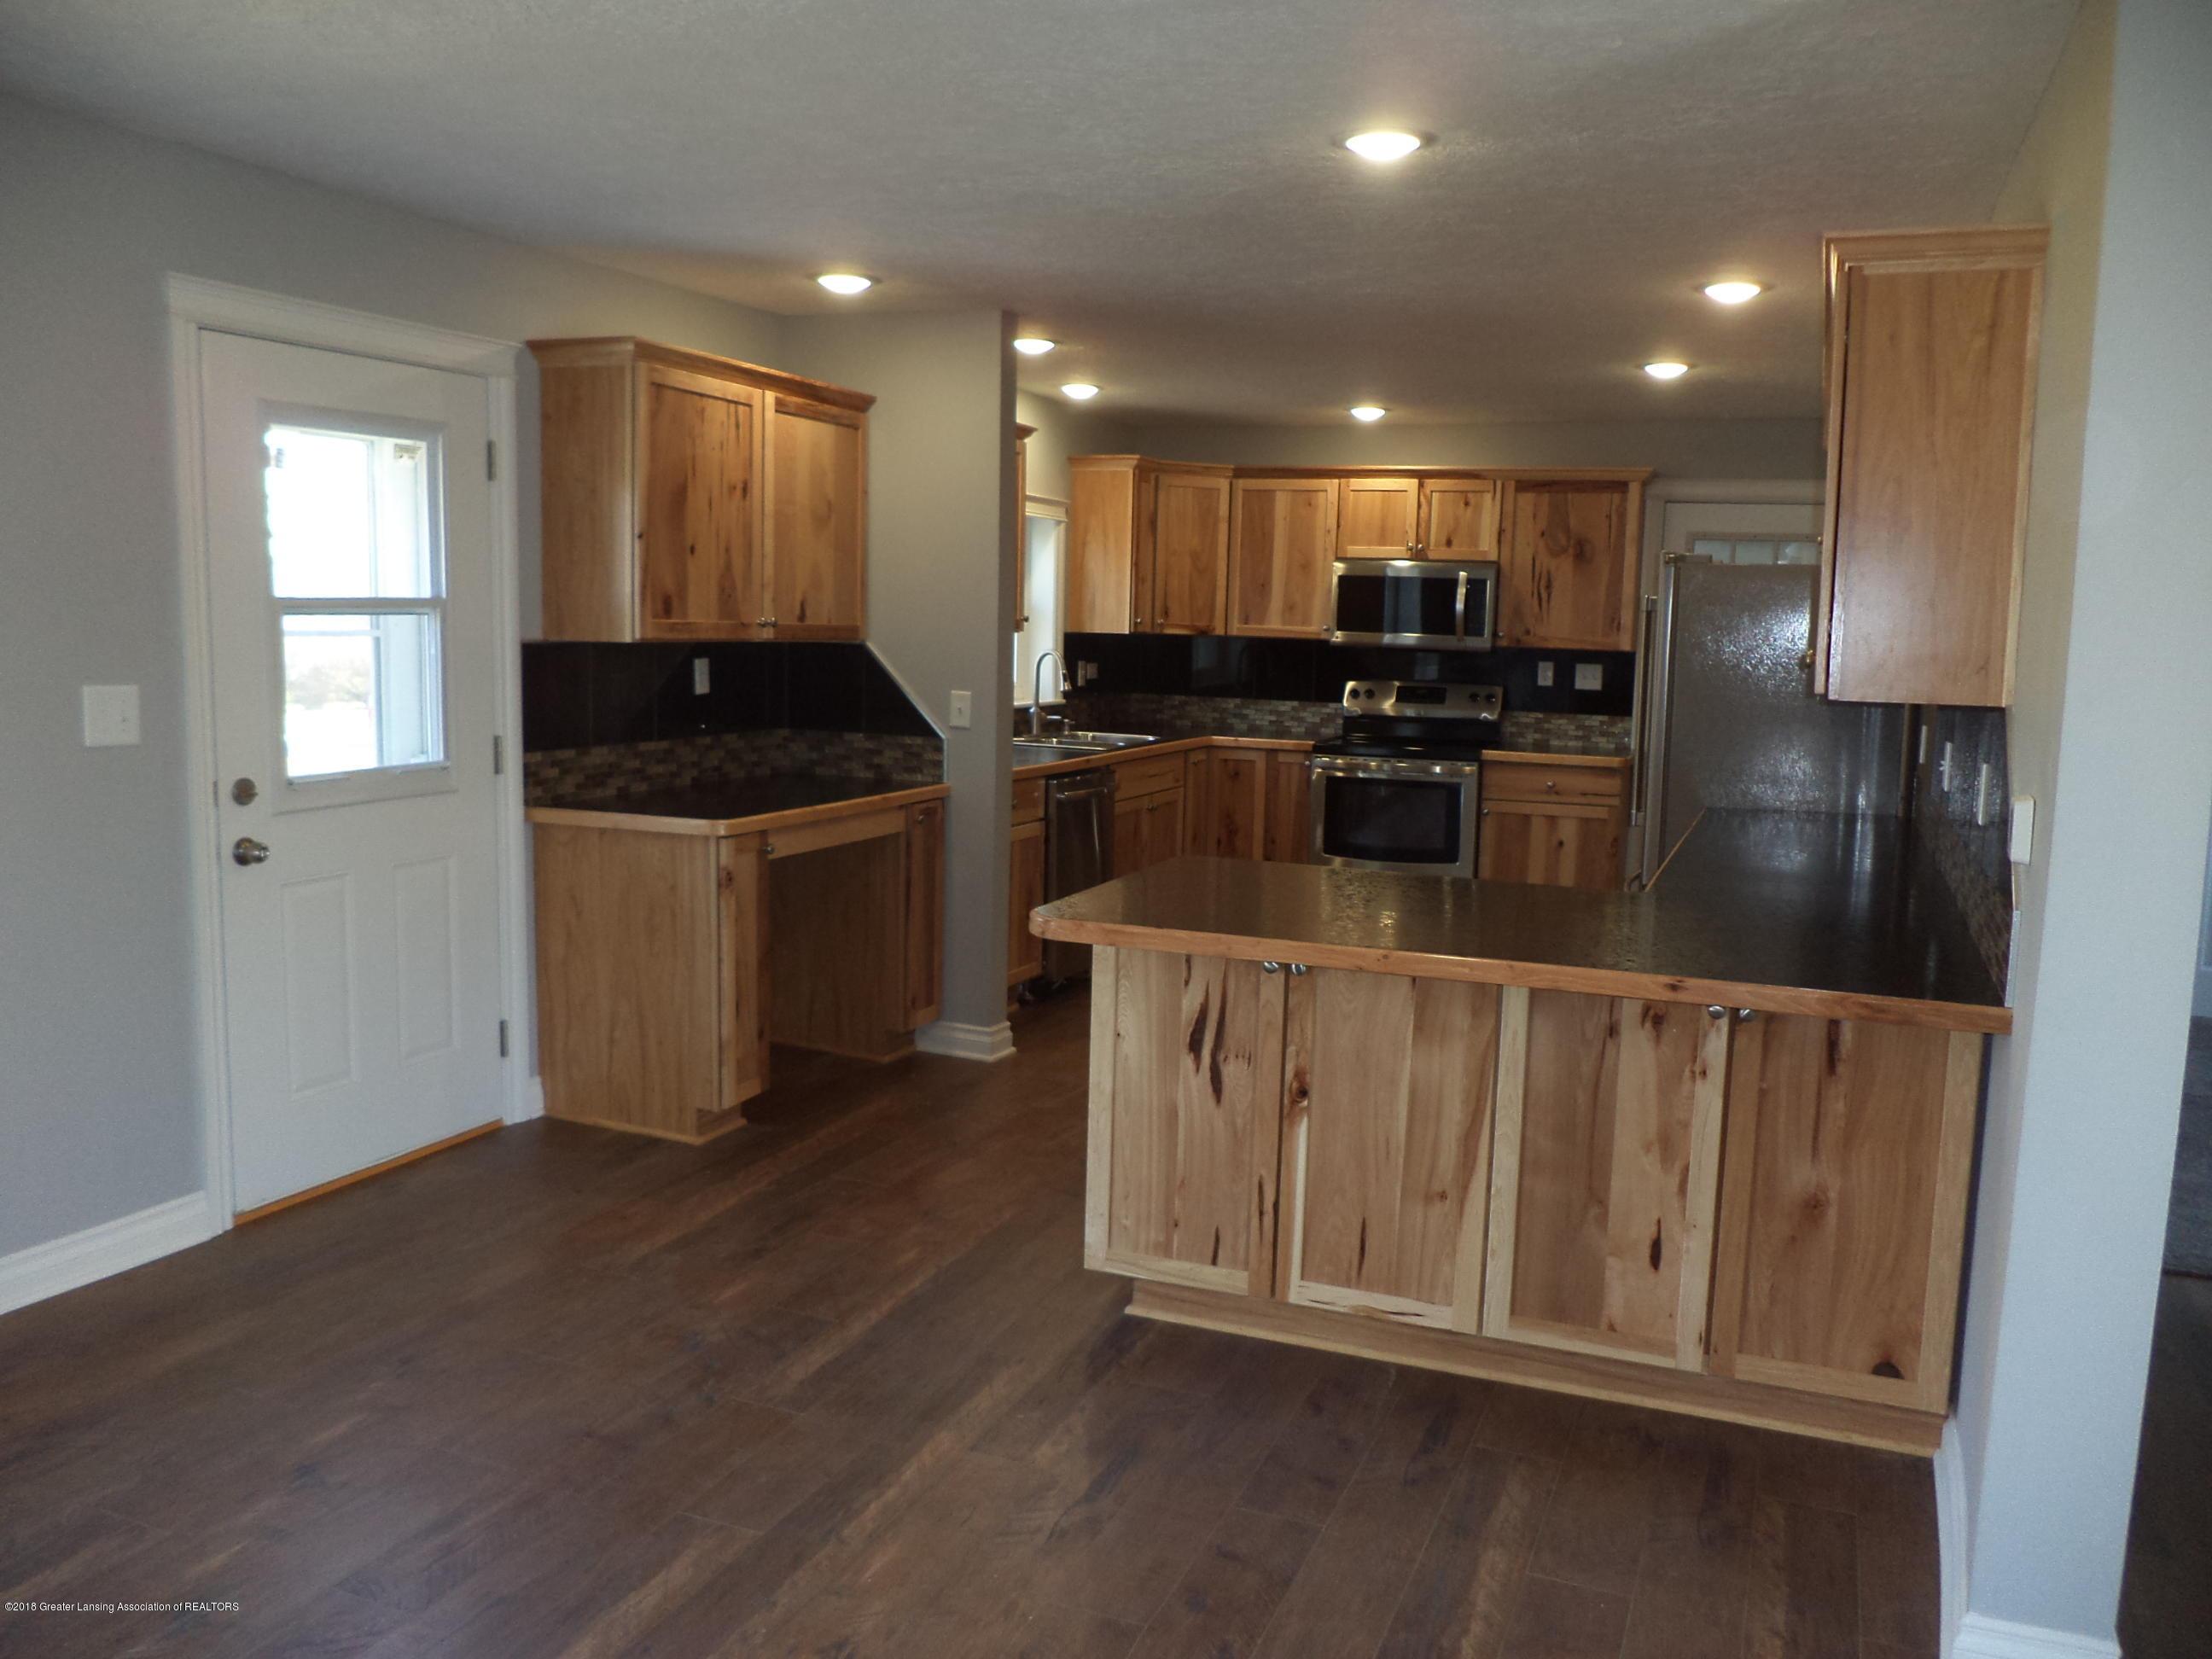 3200 S Dewitt Rd - Kitchen view - 5